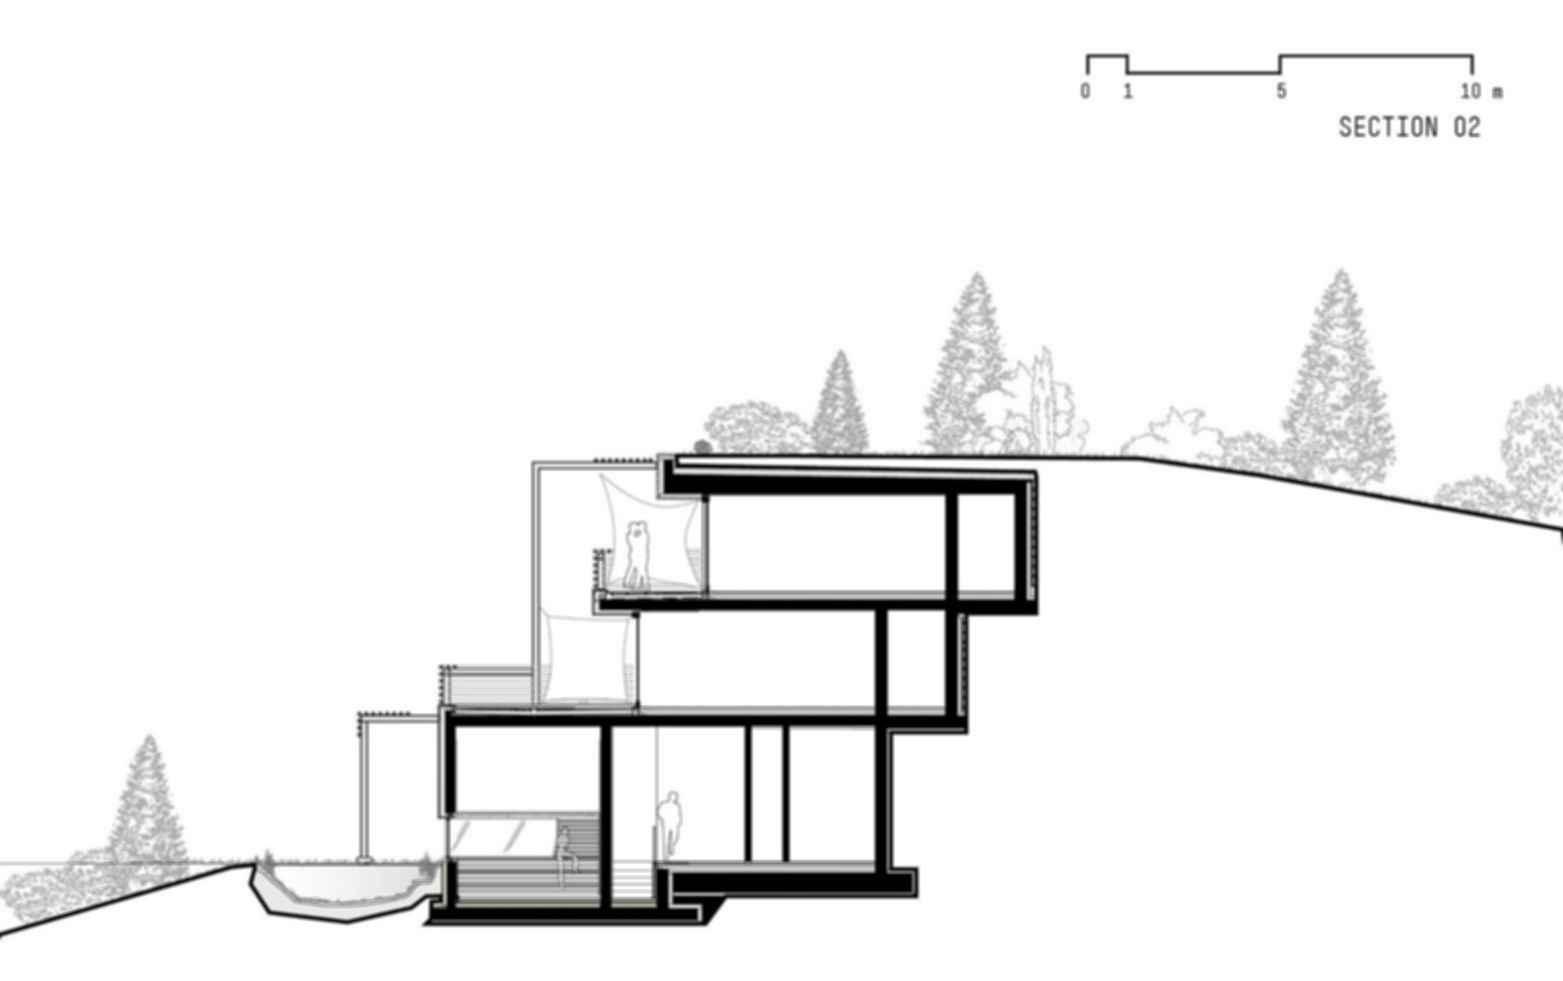 Valentinerhof - Elevation